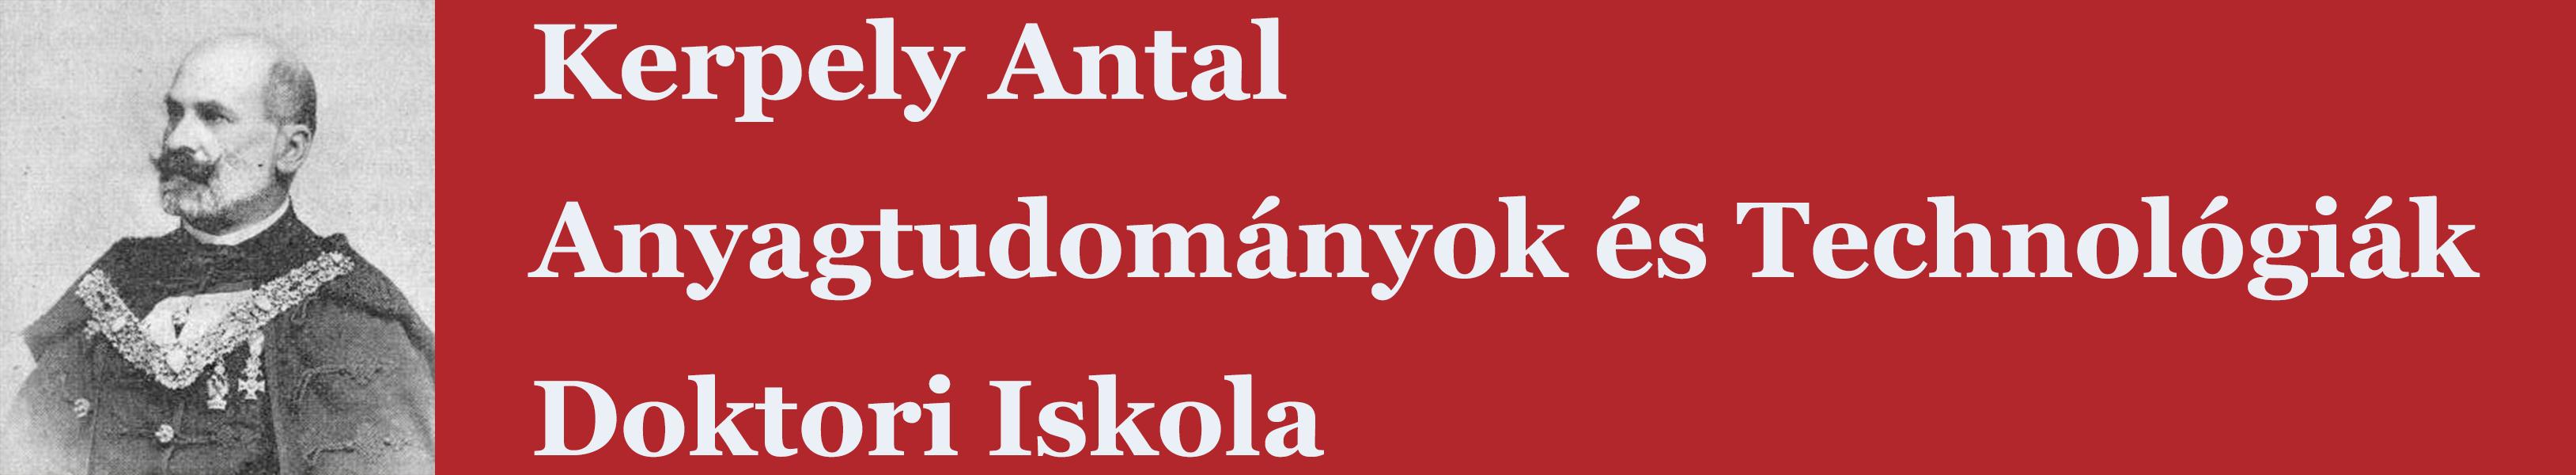 Kerpely Antal Anyagtudományok és Technológiák Doktori Iskola